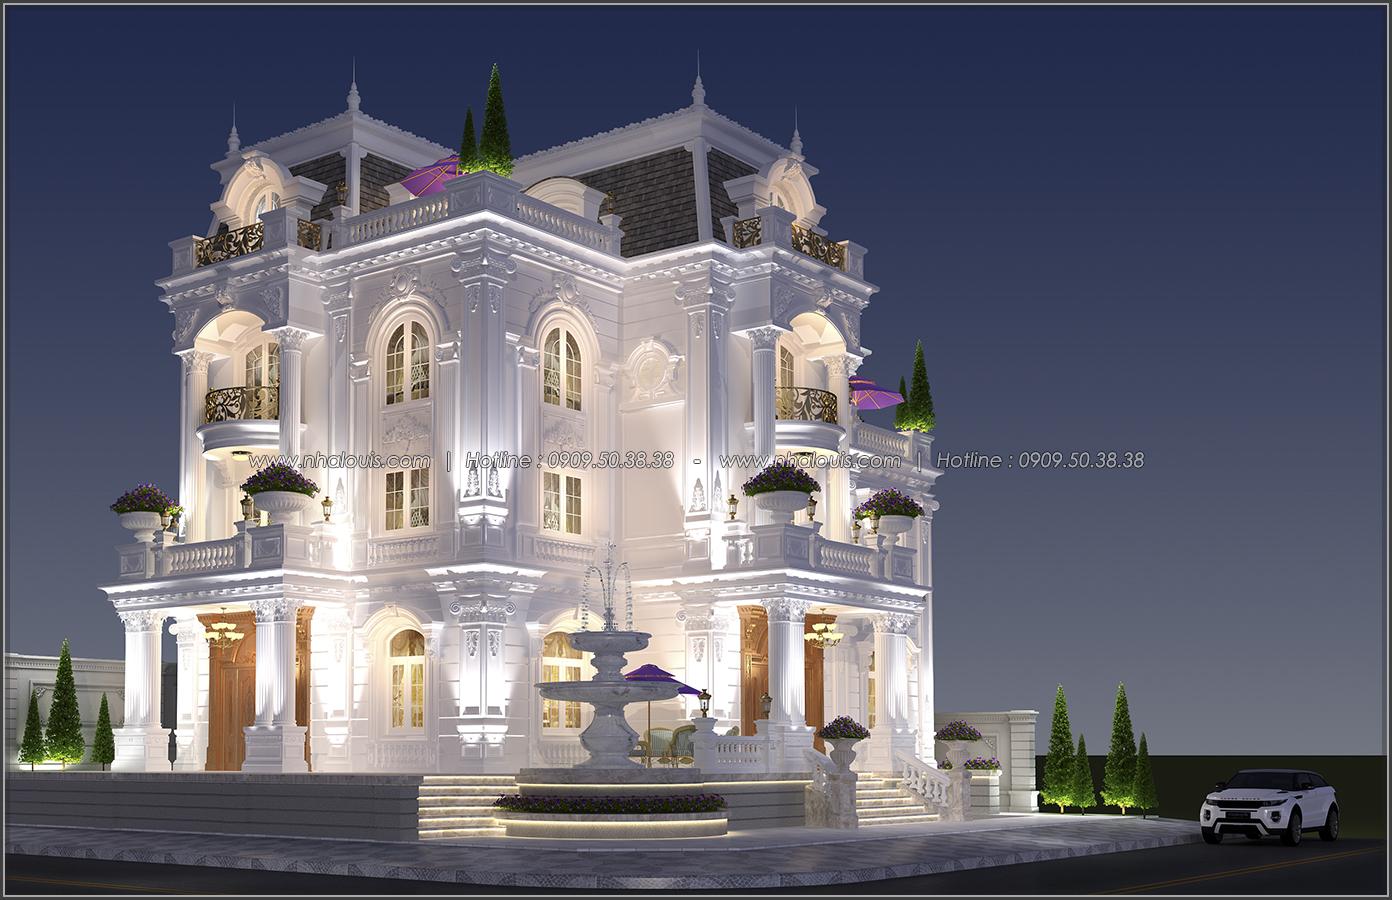 Đẳng cấp đích thực trong thiết kế biệt thự cổ điển 3 tầng tại Bình Tân